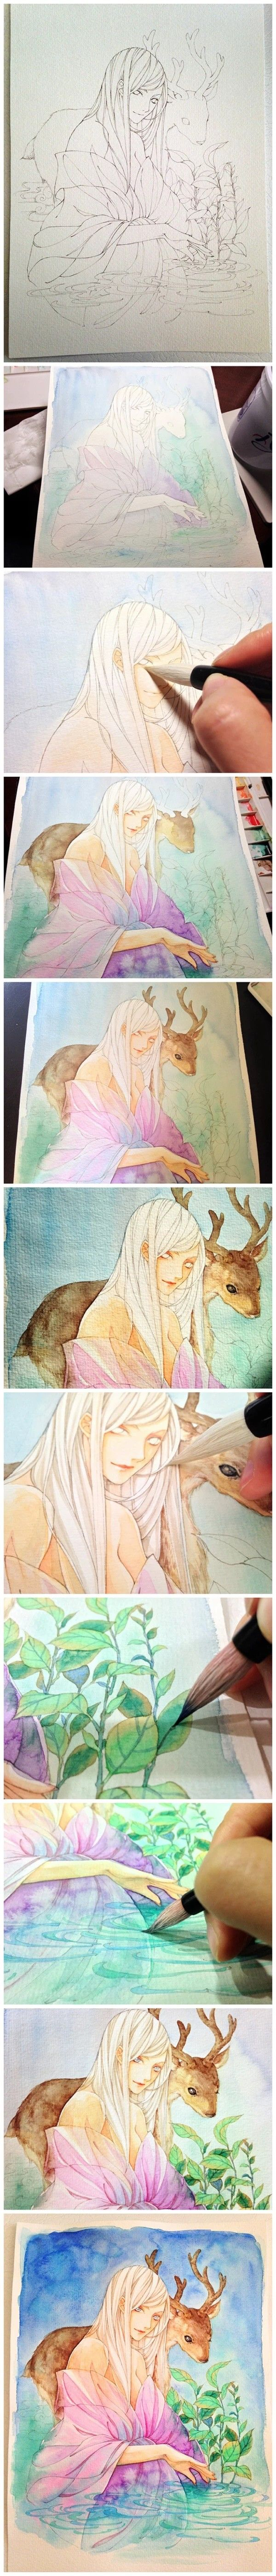 水彩步骤 鹿 仙境 人物 唯美